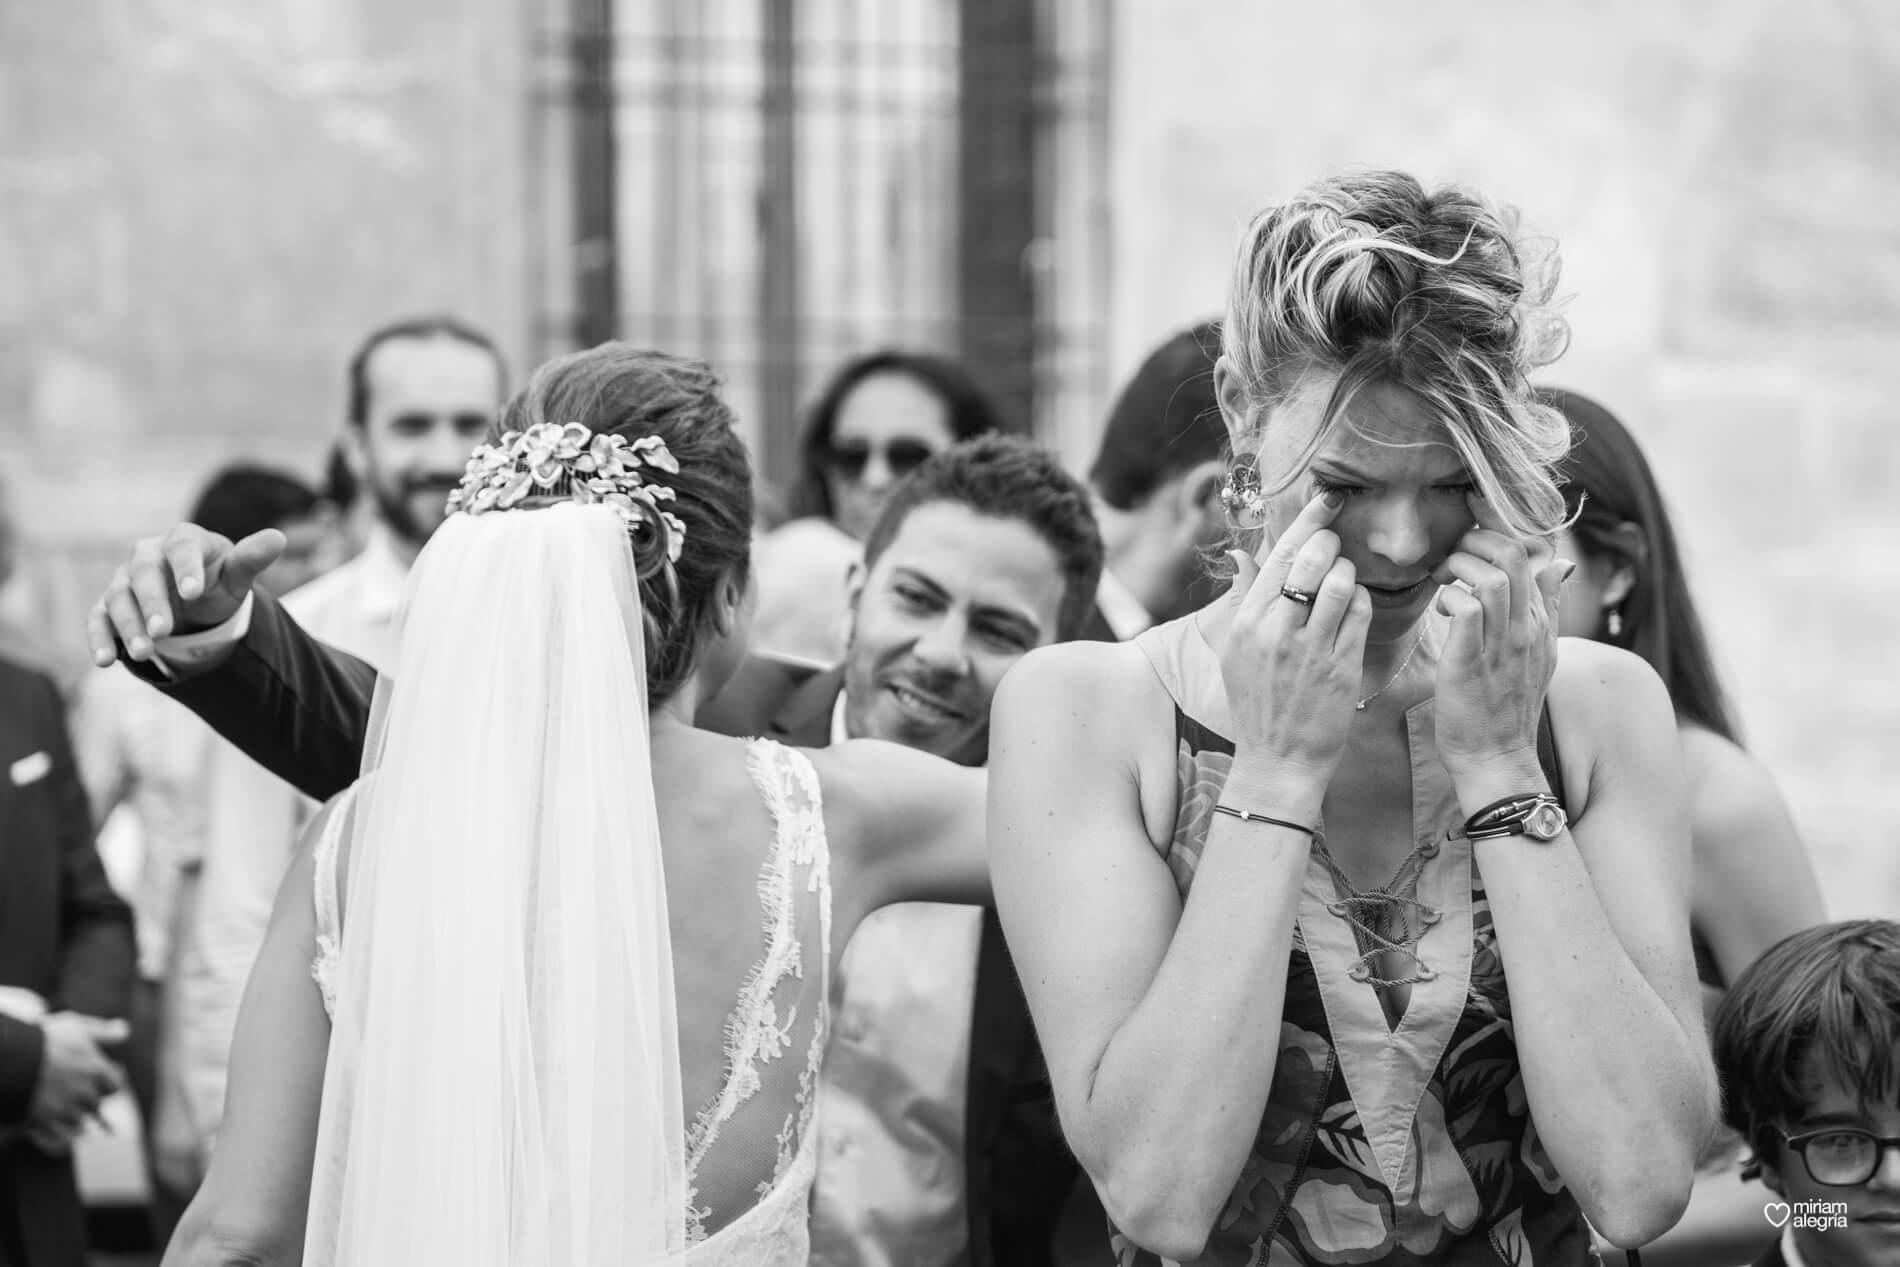 wedding-huerto-del-cura-elche-miriam-alegria-fotografos-boda-240